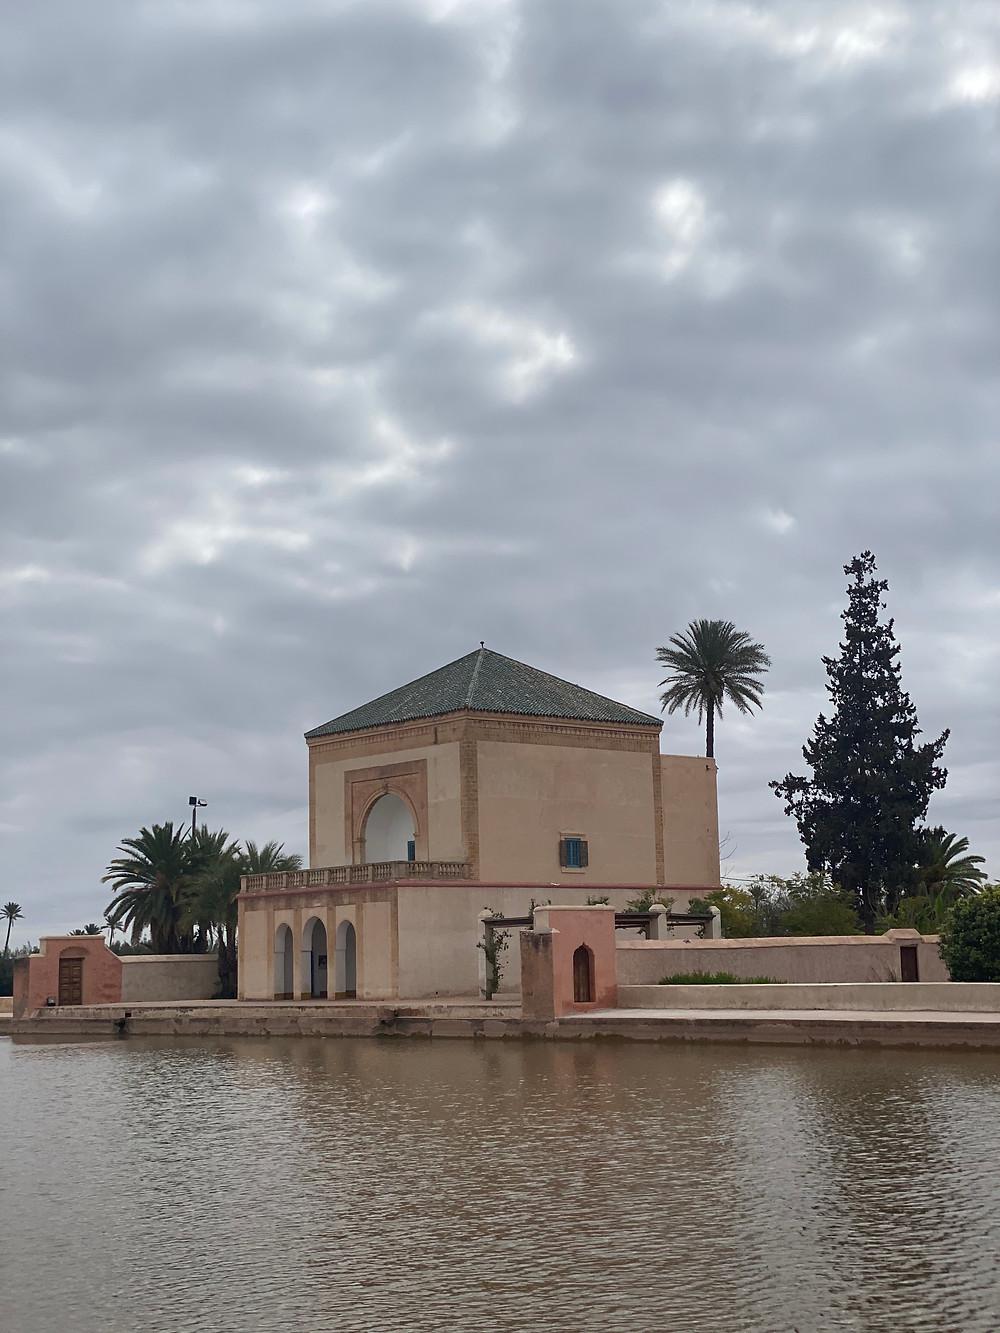 Menara Gardens in Marrakech Morocco